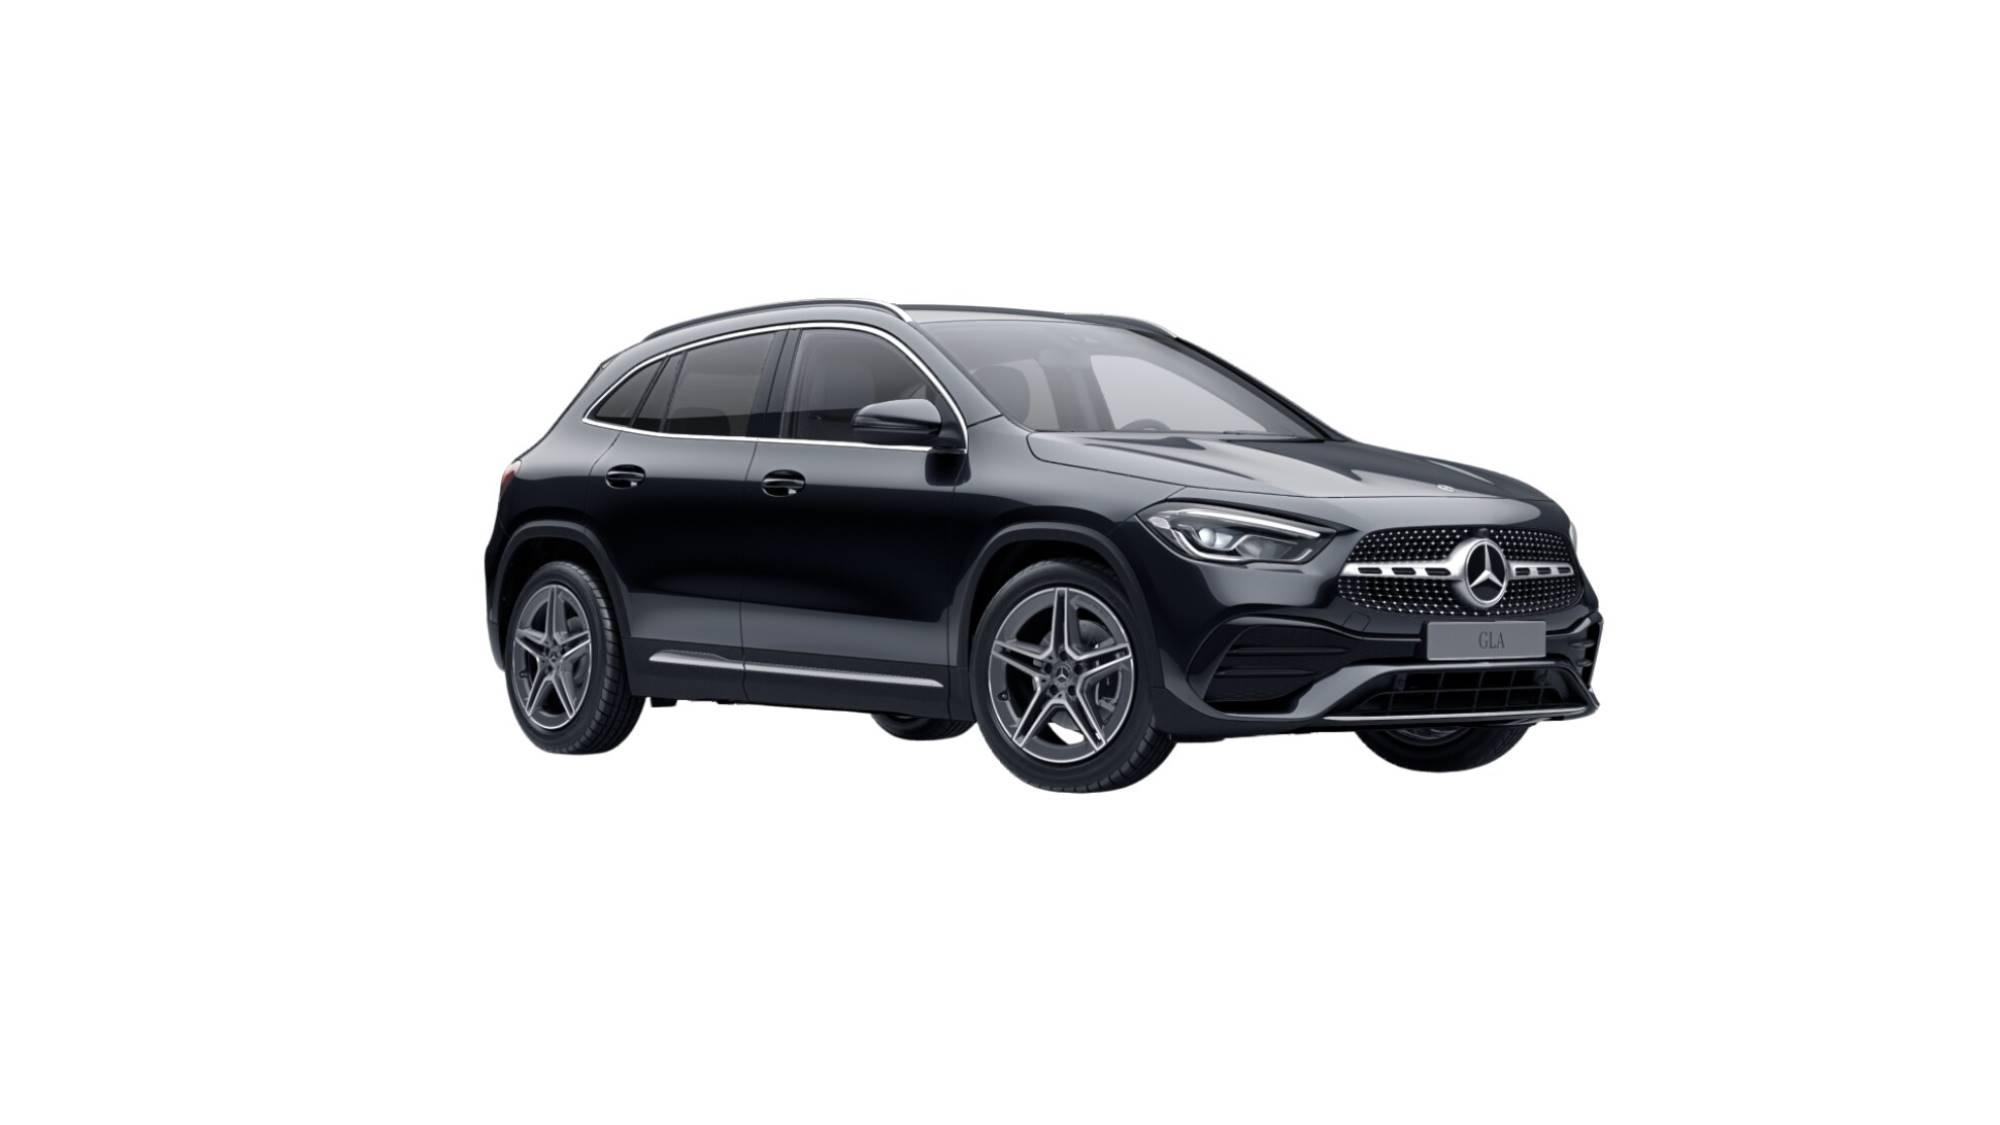 Mercedes-Benz GLA 220 d 4MATIC Negre